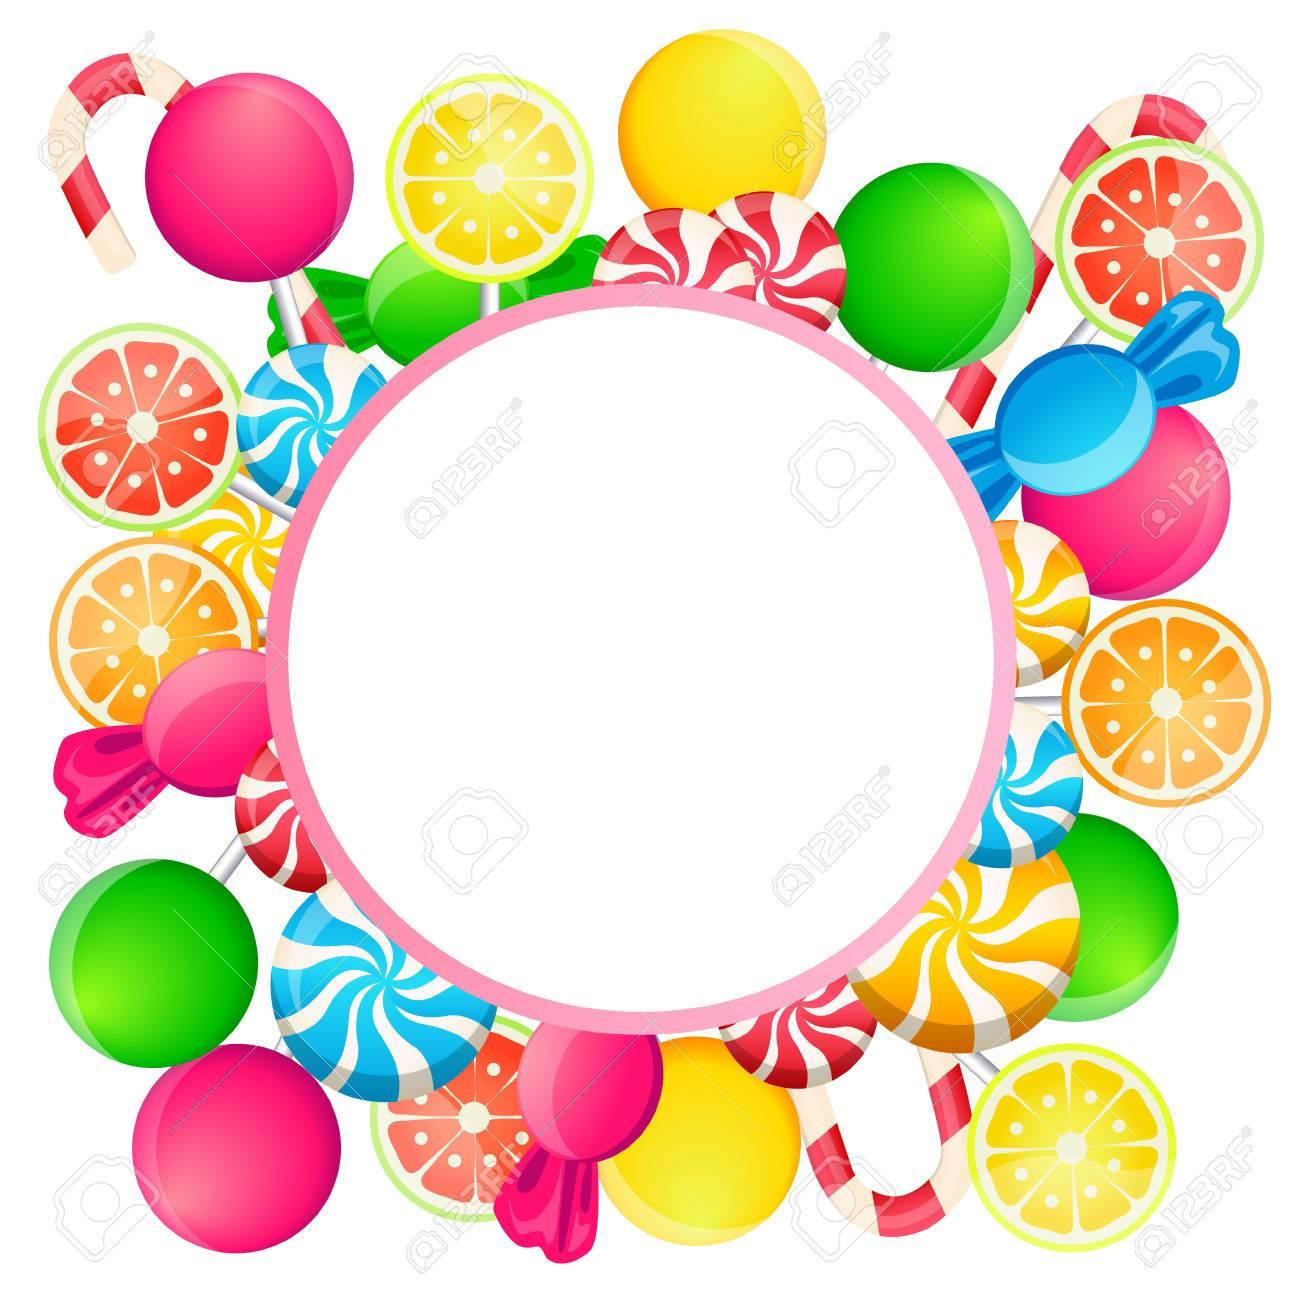 Karte Süßigkeiten. Runde Rahmen Und Süßigkeiten. Vektor-Illustration ...